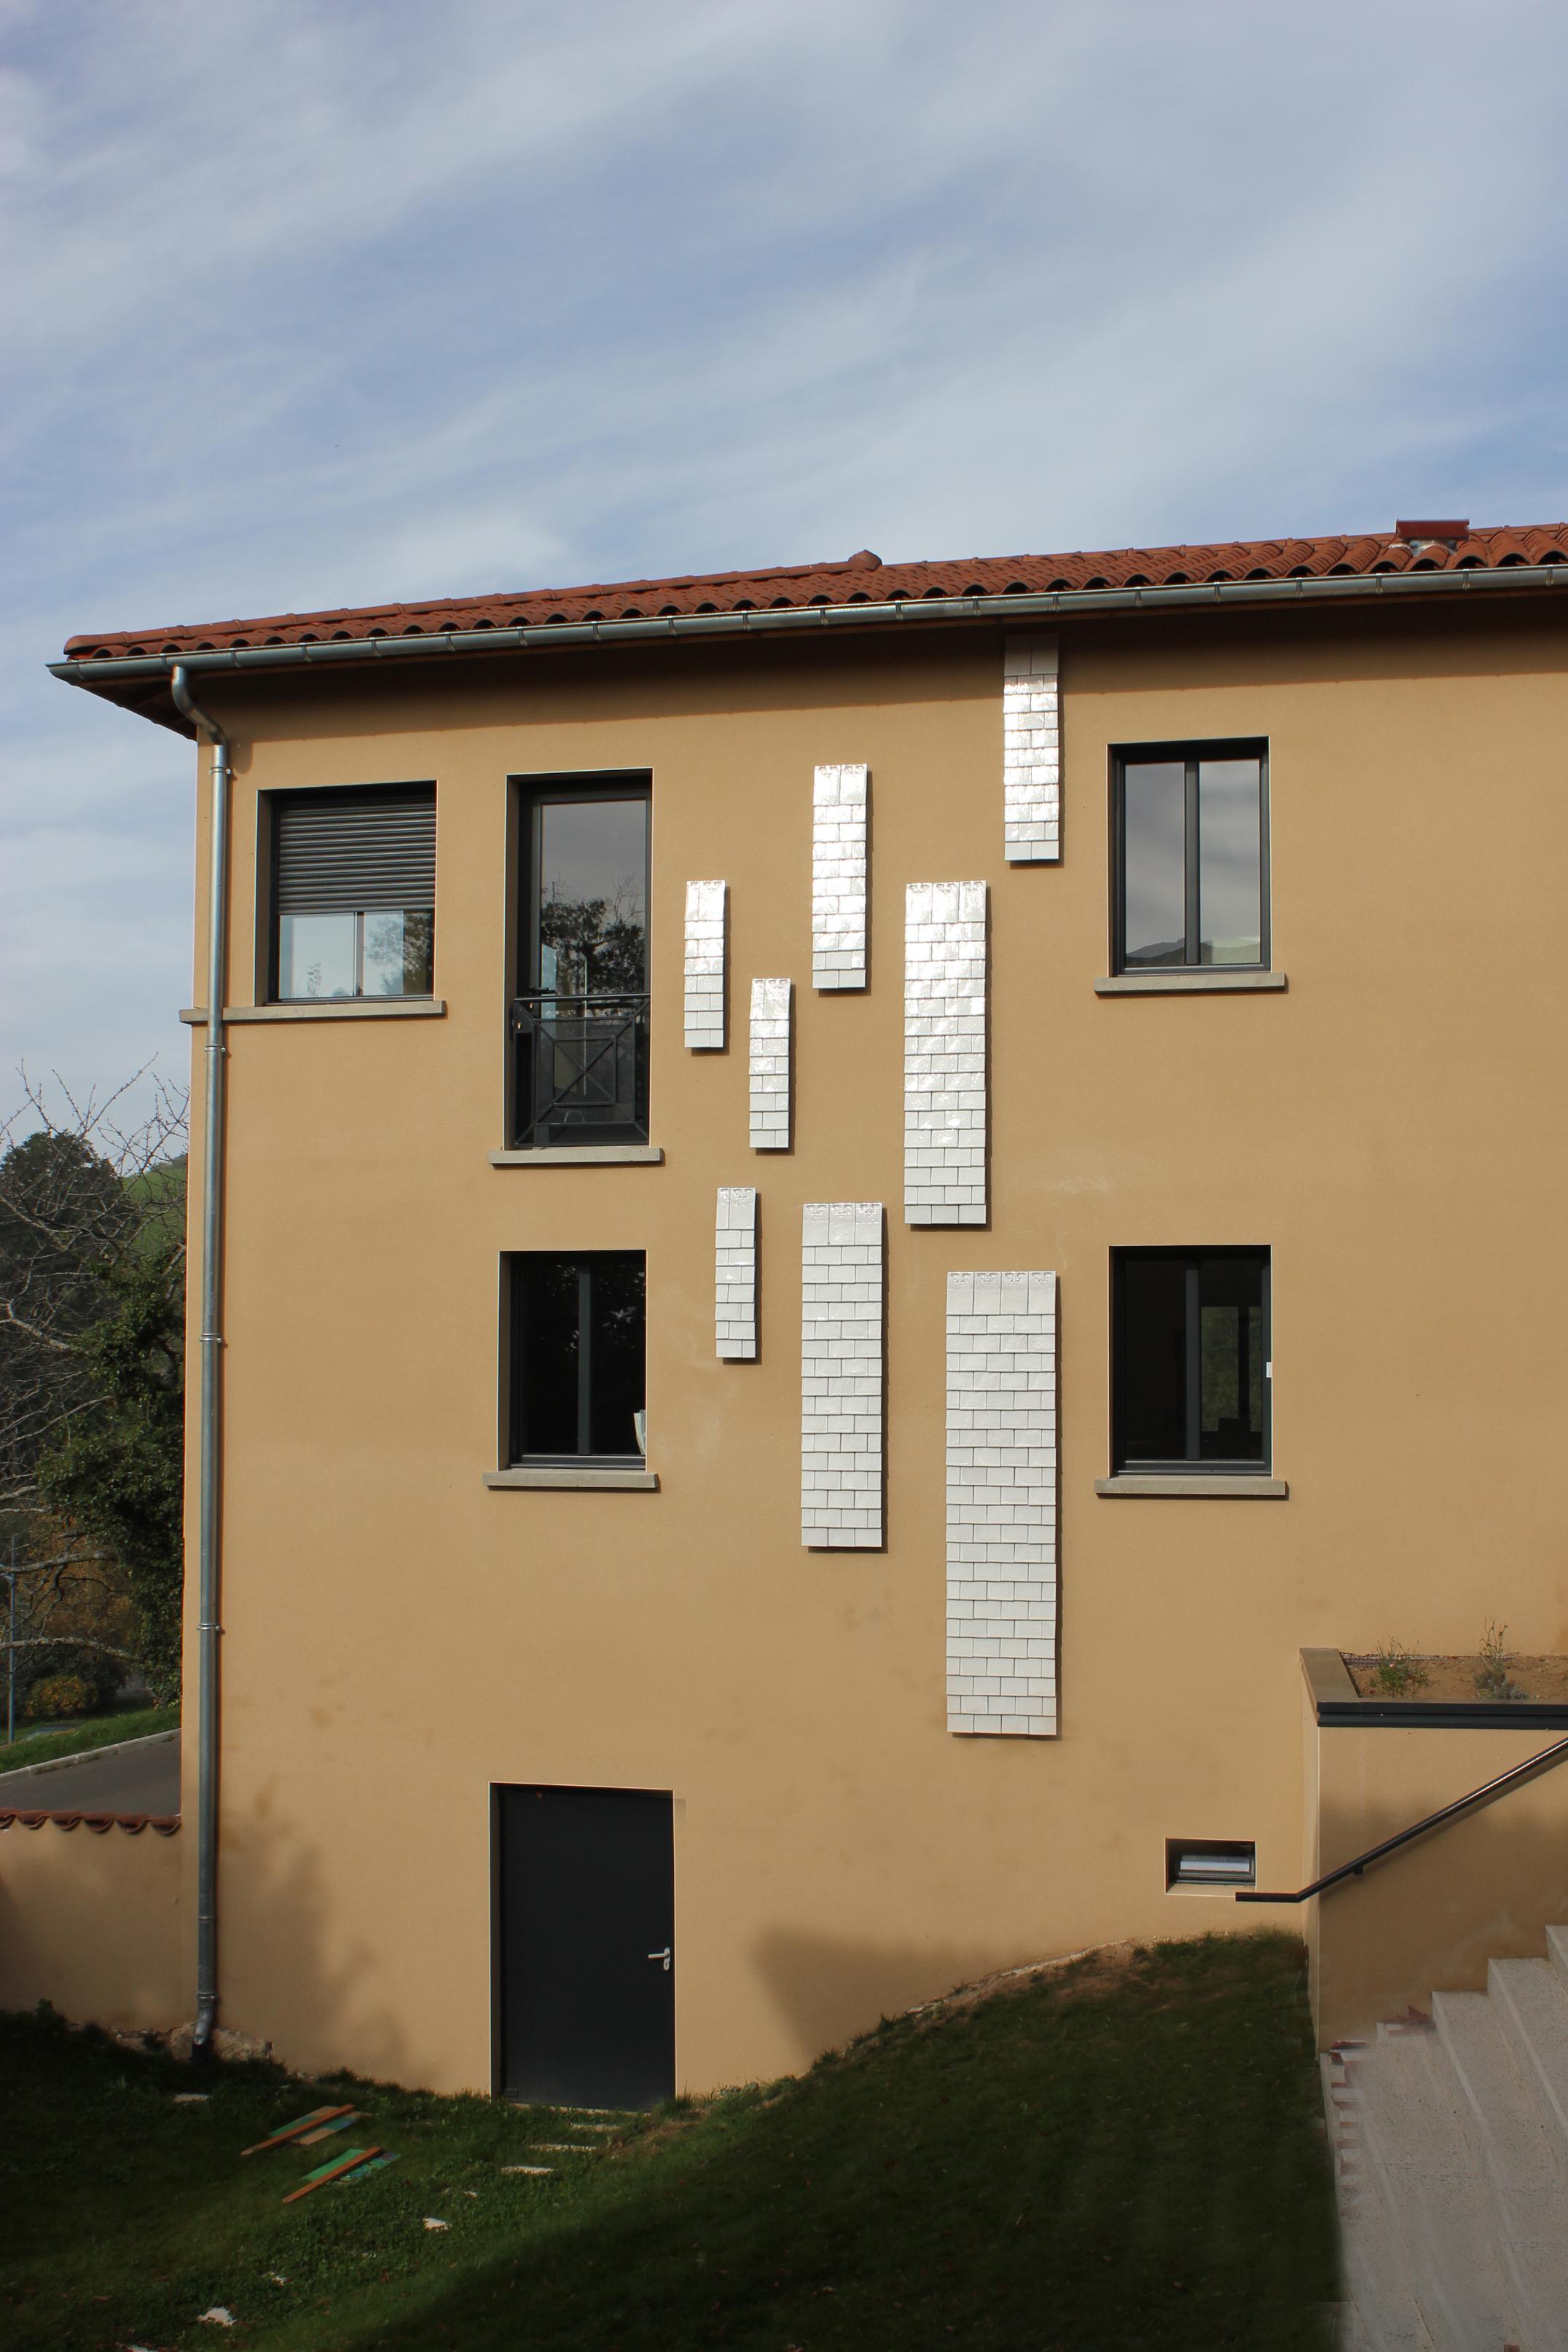 verticales_III_photo_01.jpg